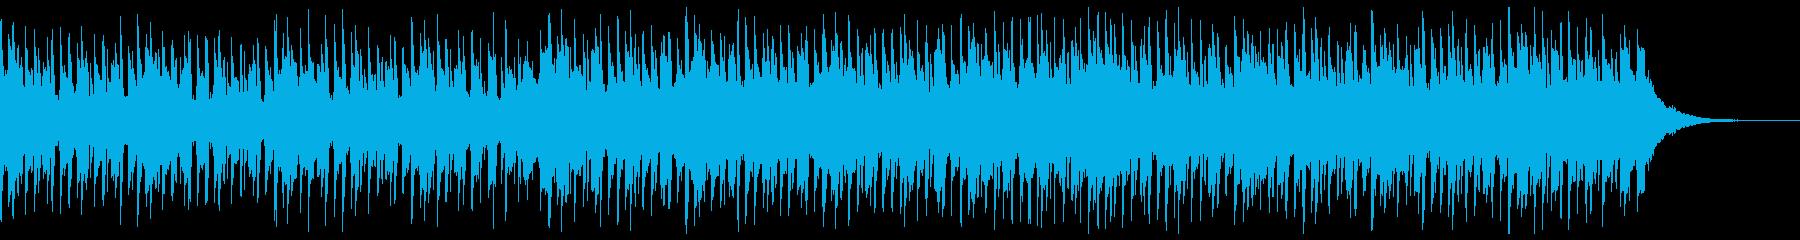 医療技術(60秒)の再生済みの波形